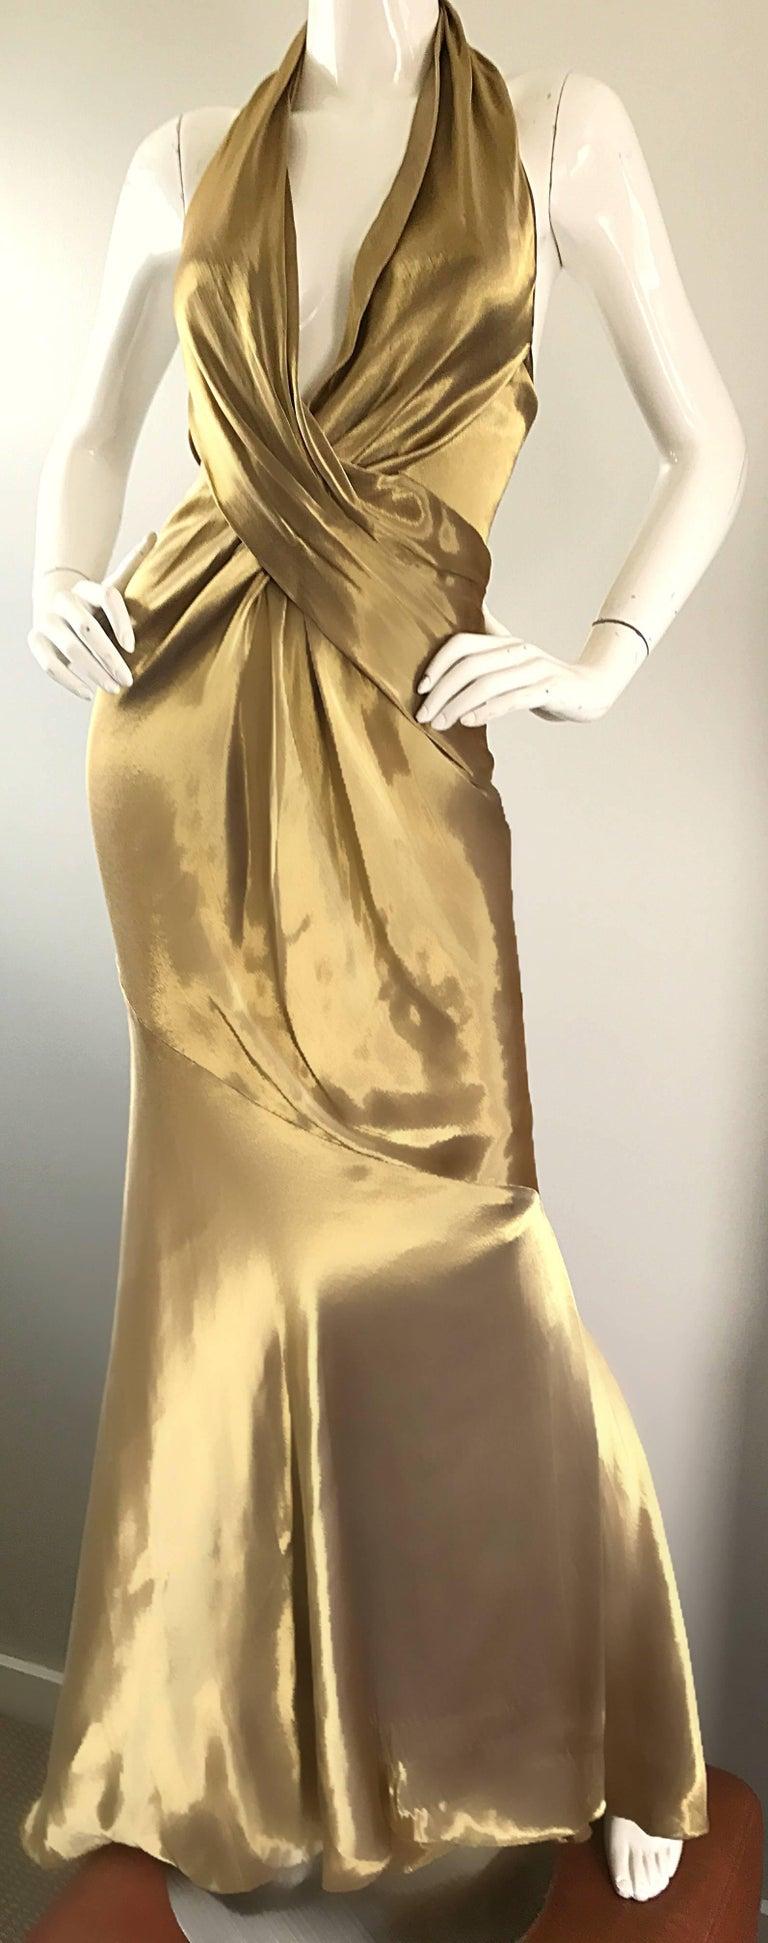 Stunning Vintage Donna Karan 1990s Liquid Gold Silk Plunging 90s Halter Gown For Sale 2